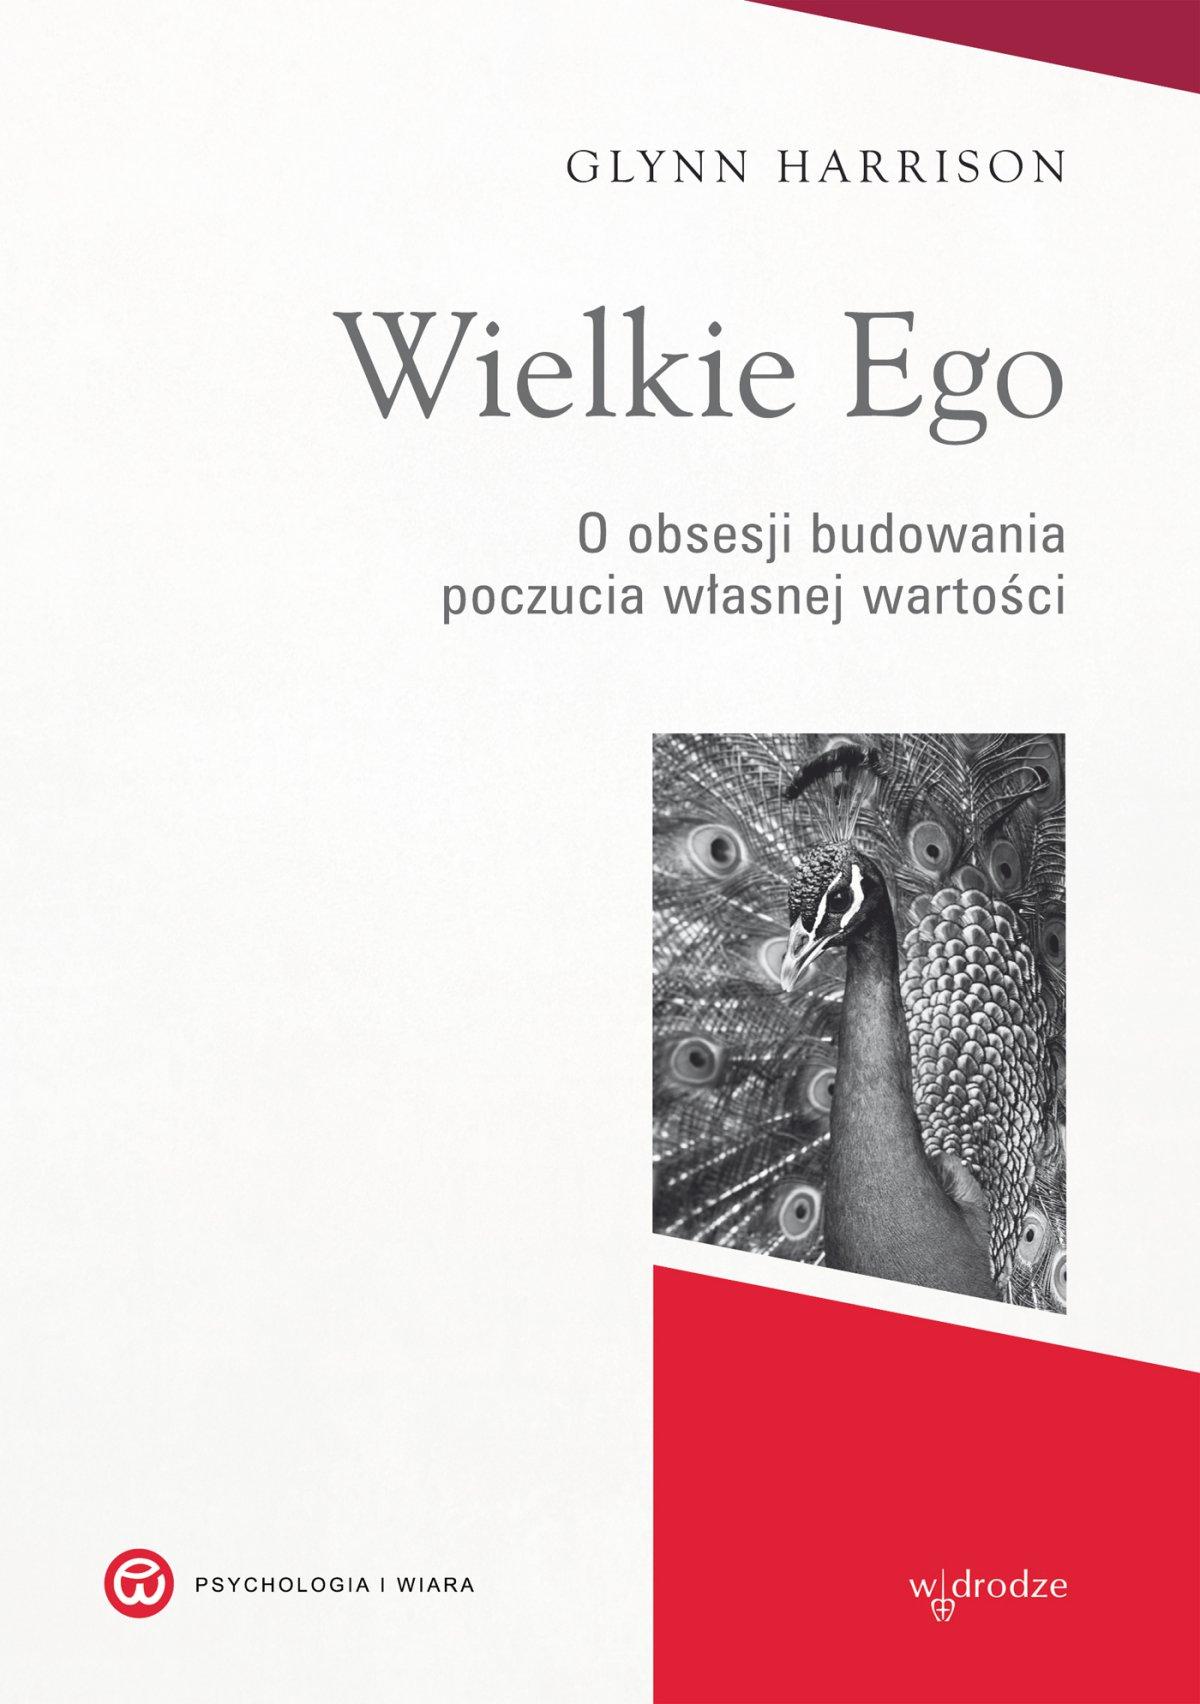 Wielkie Ego. O obsesji budowania własnej wartości - Ebook (Książka na Kindle) do pobrania w formacie MOBI